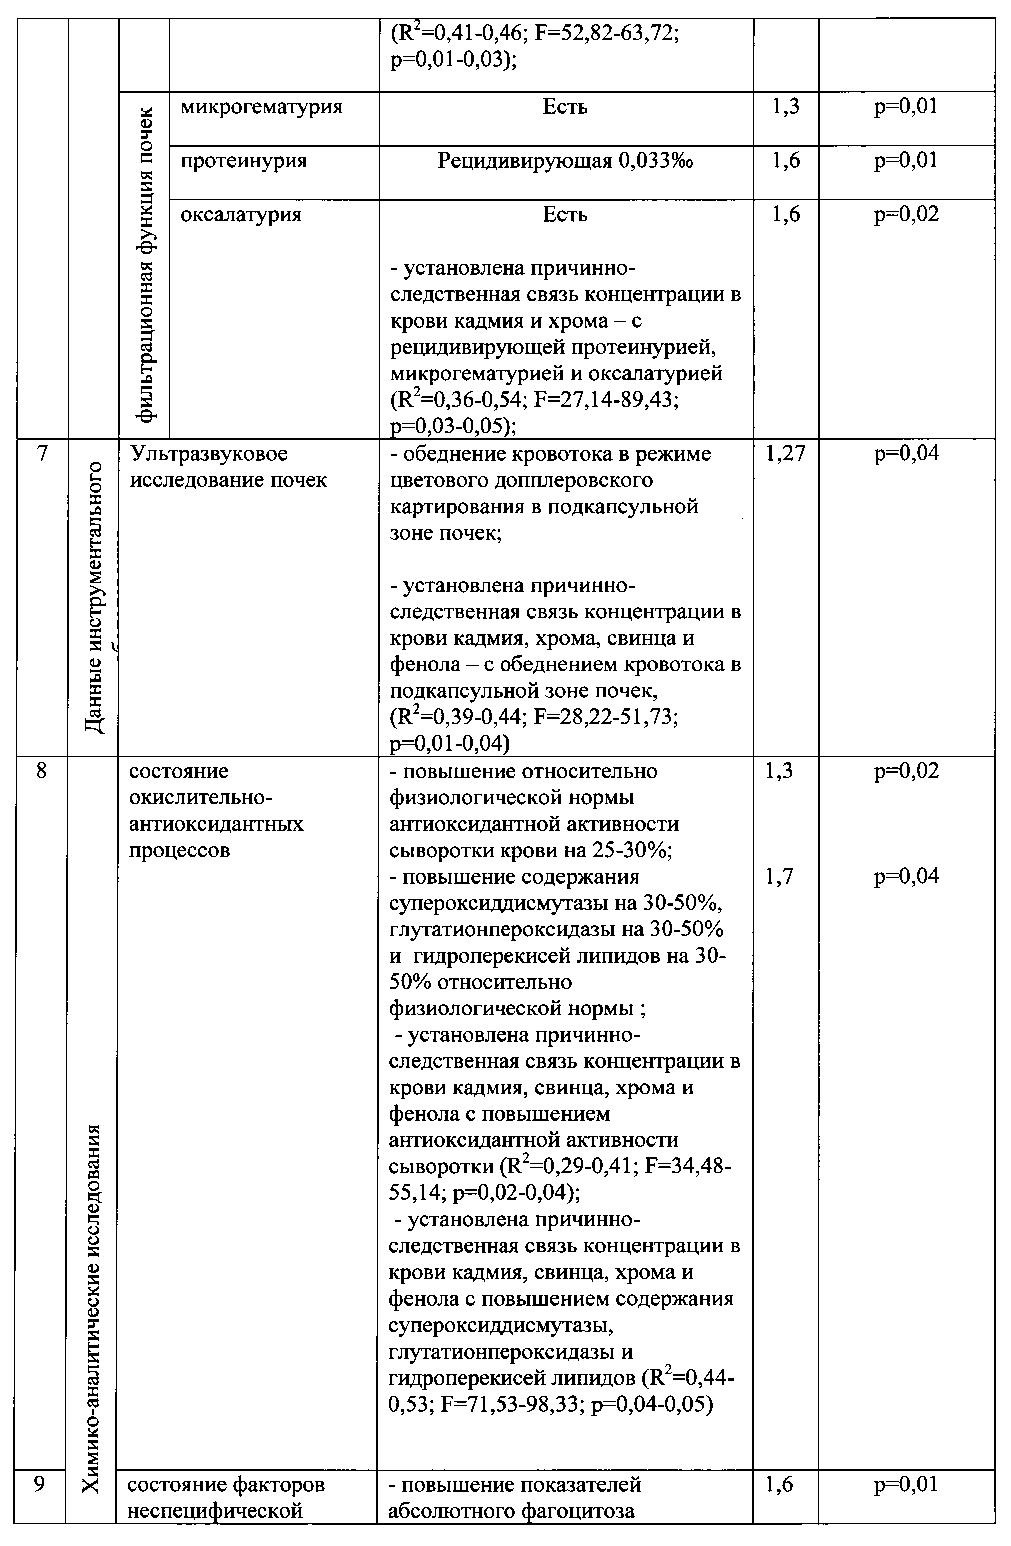 Токсикологический анализ крови фенол купи больничный лист